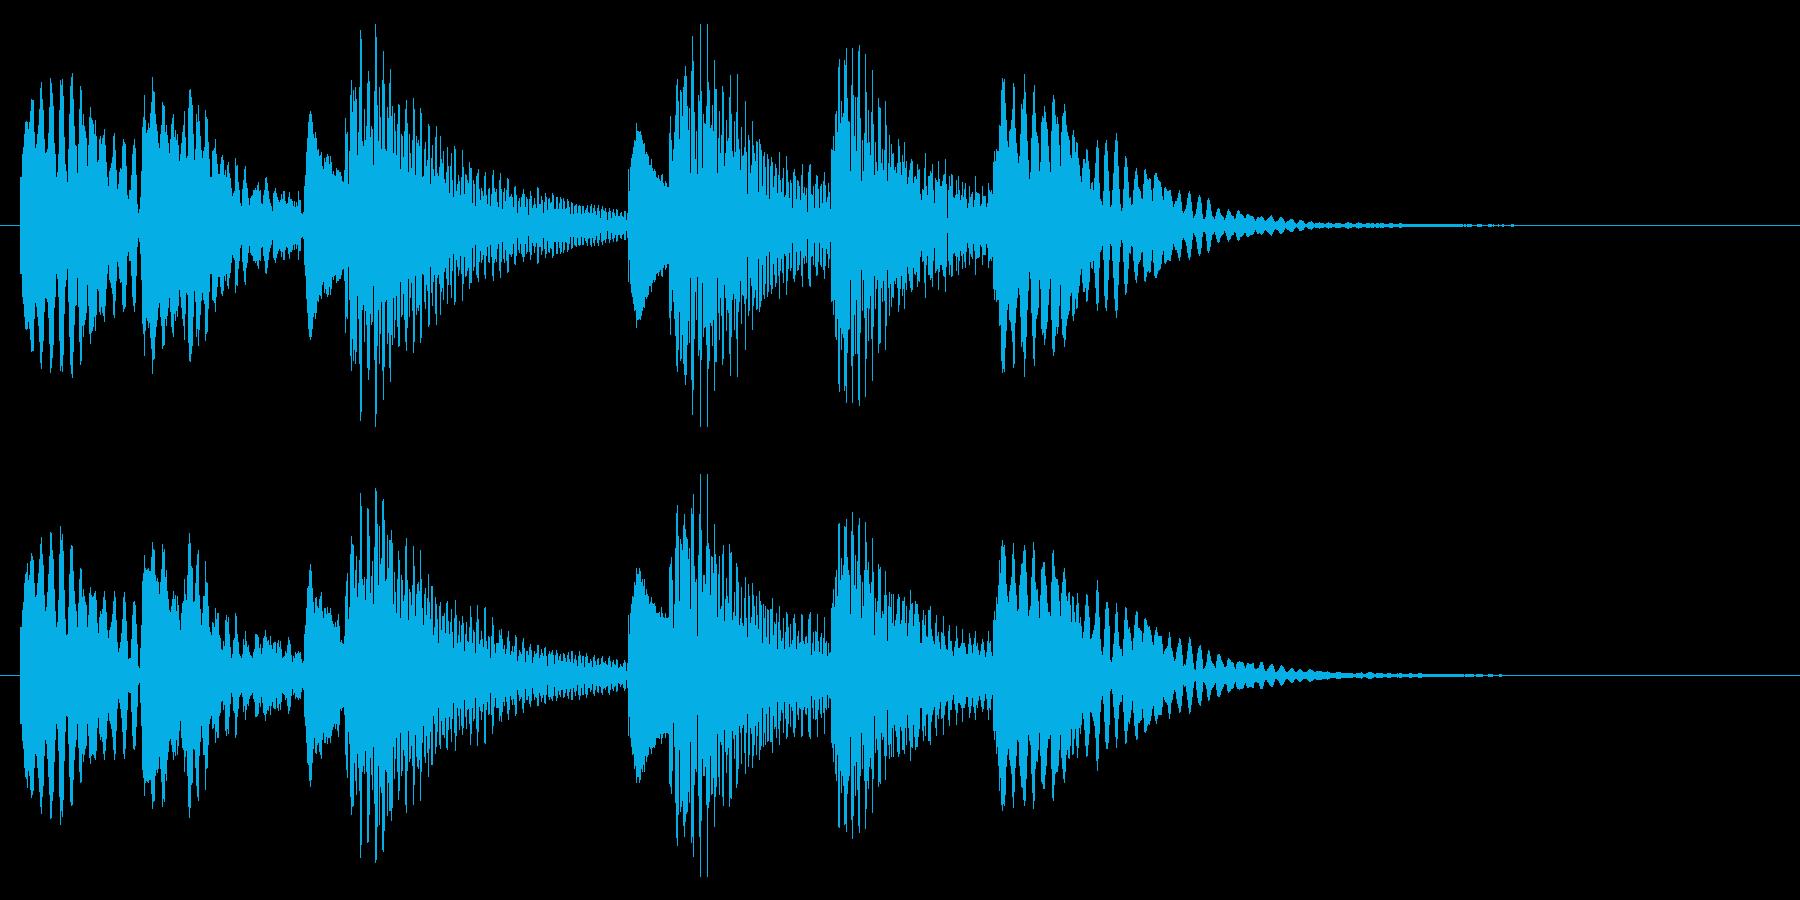 木琴 可愛い ほのぼの ジングル の再生済みの波形